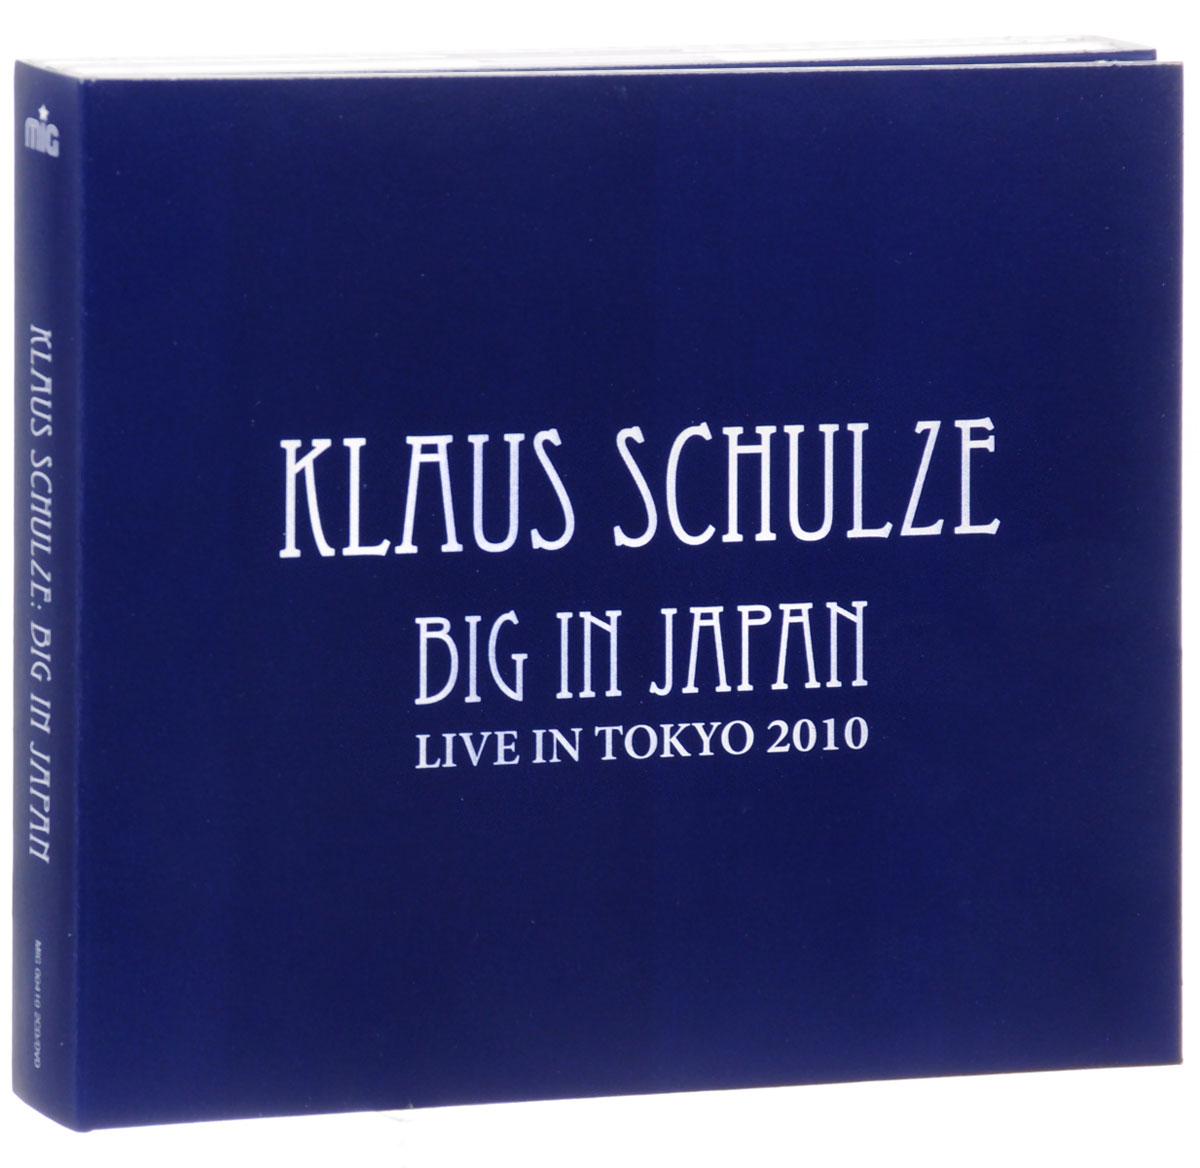 Klaus Schulze. Big In Japan (2 CD + DVD)